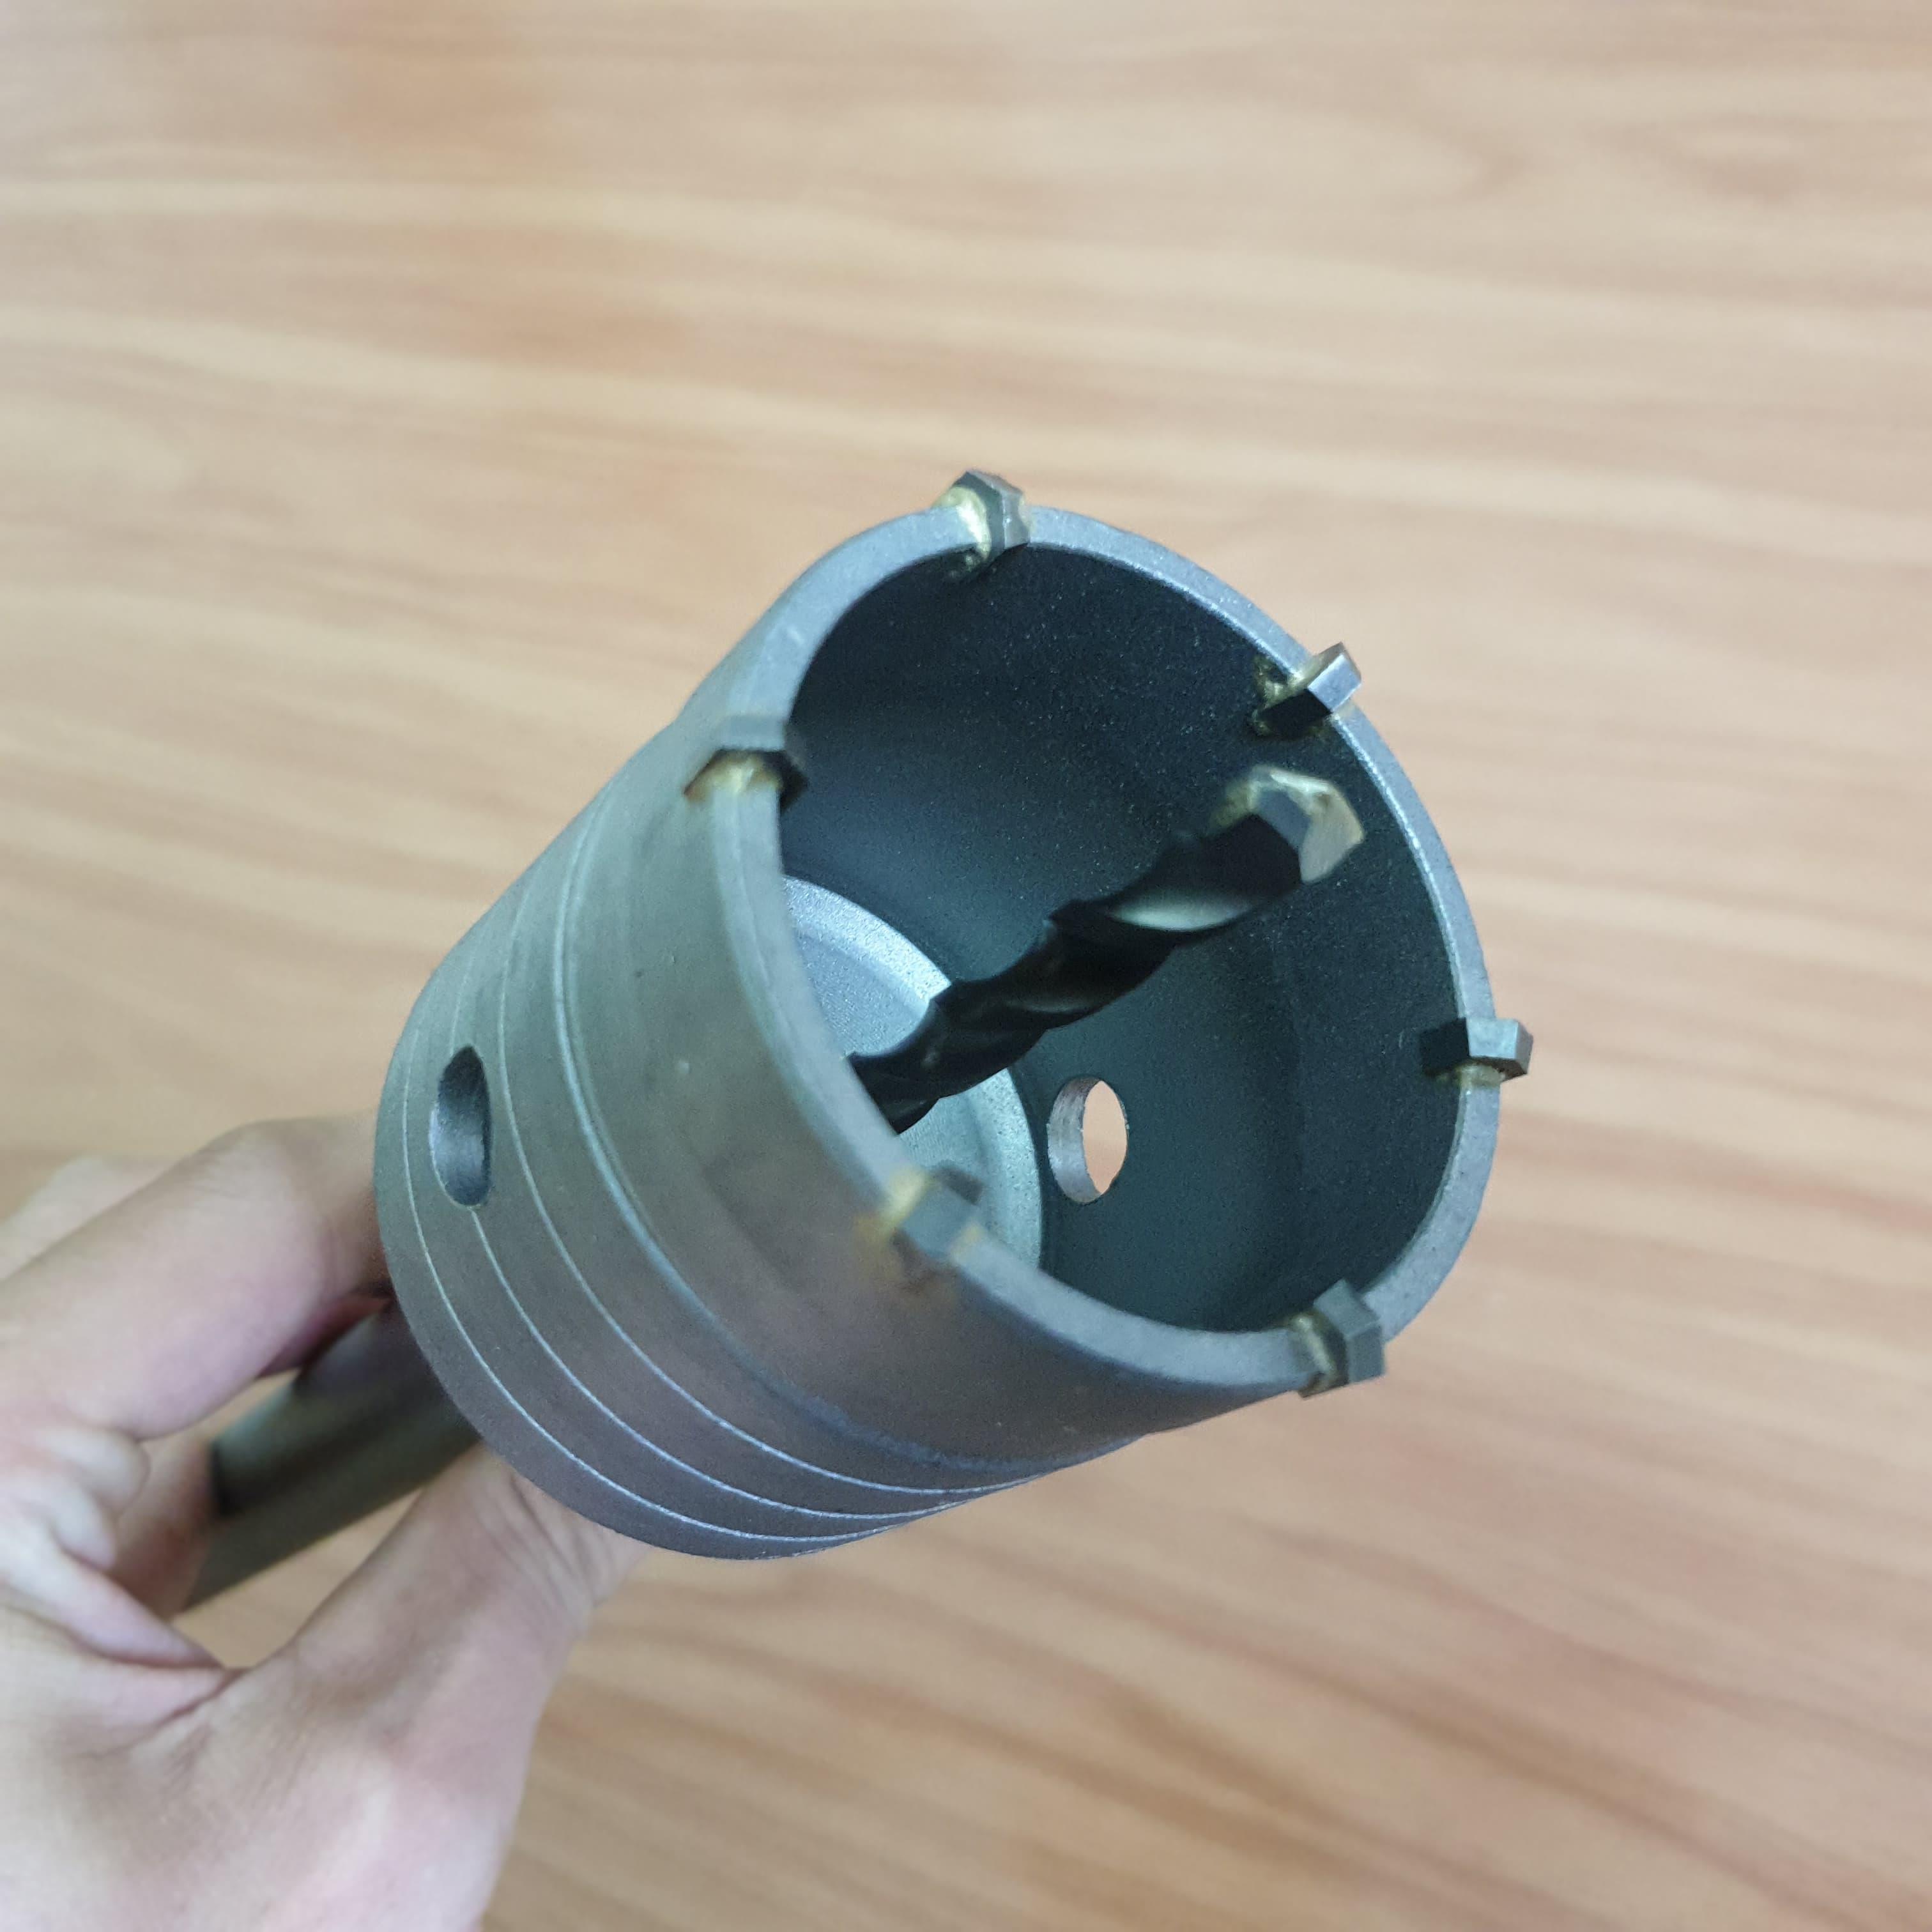 Mũi khoan rút lõi tường chân máy khoan bê tông SSD cho thợ điện và thợ lắp điều hòa (chân trục và mũi khoét 65mm)